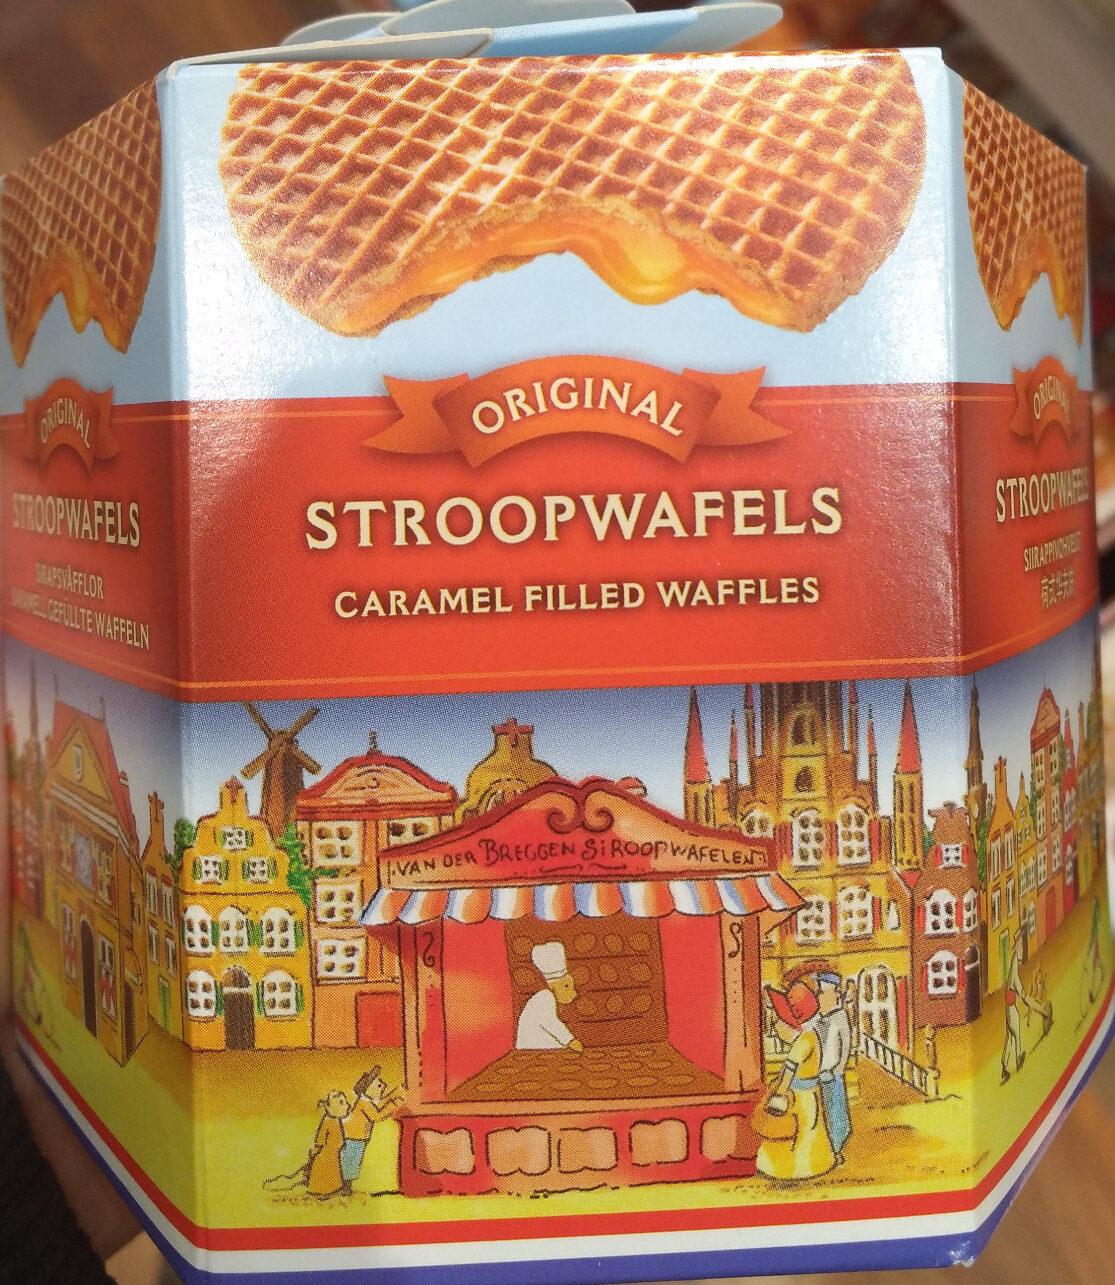 Original Stroopwafels - Product - nl